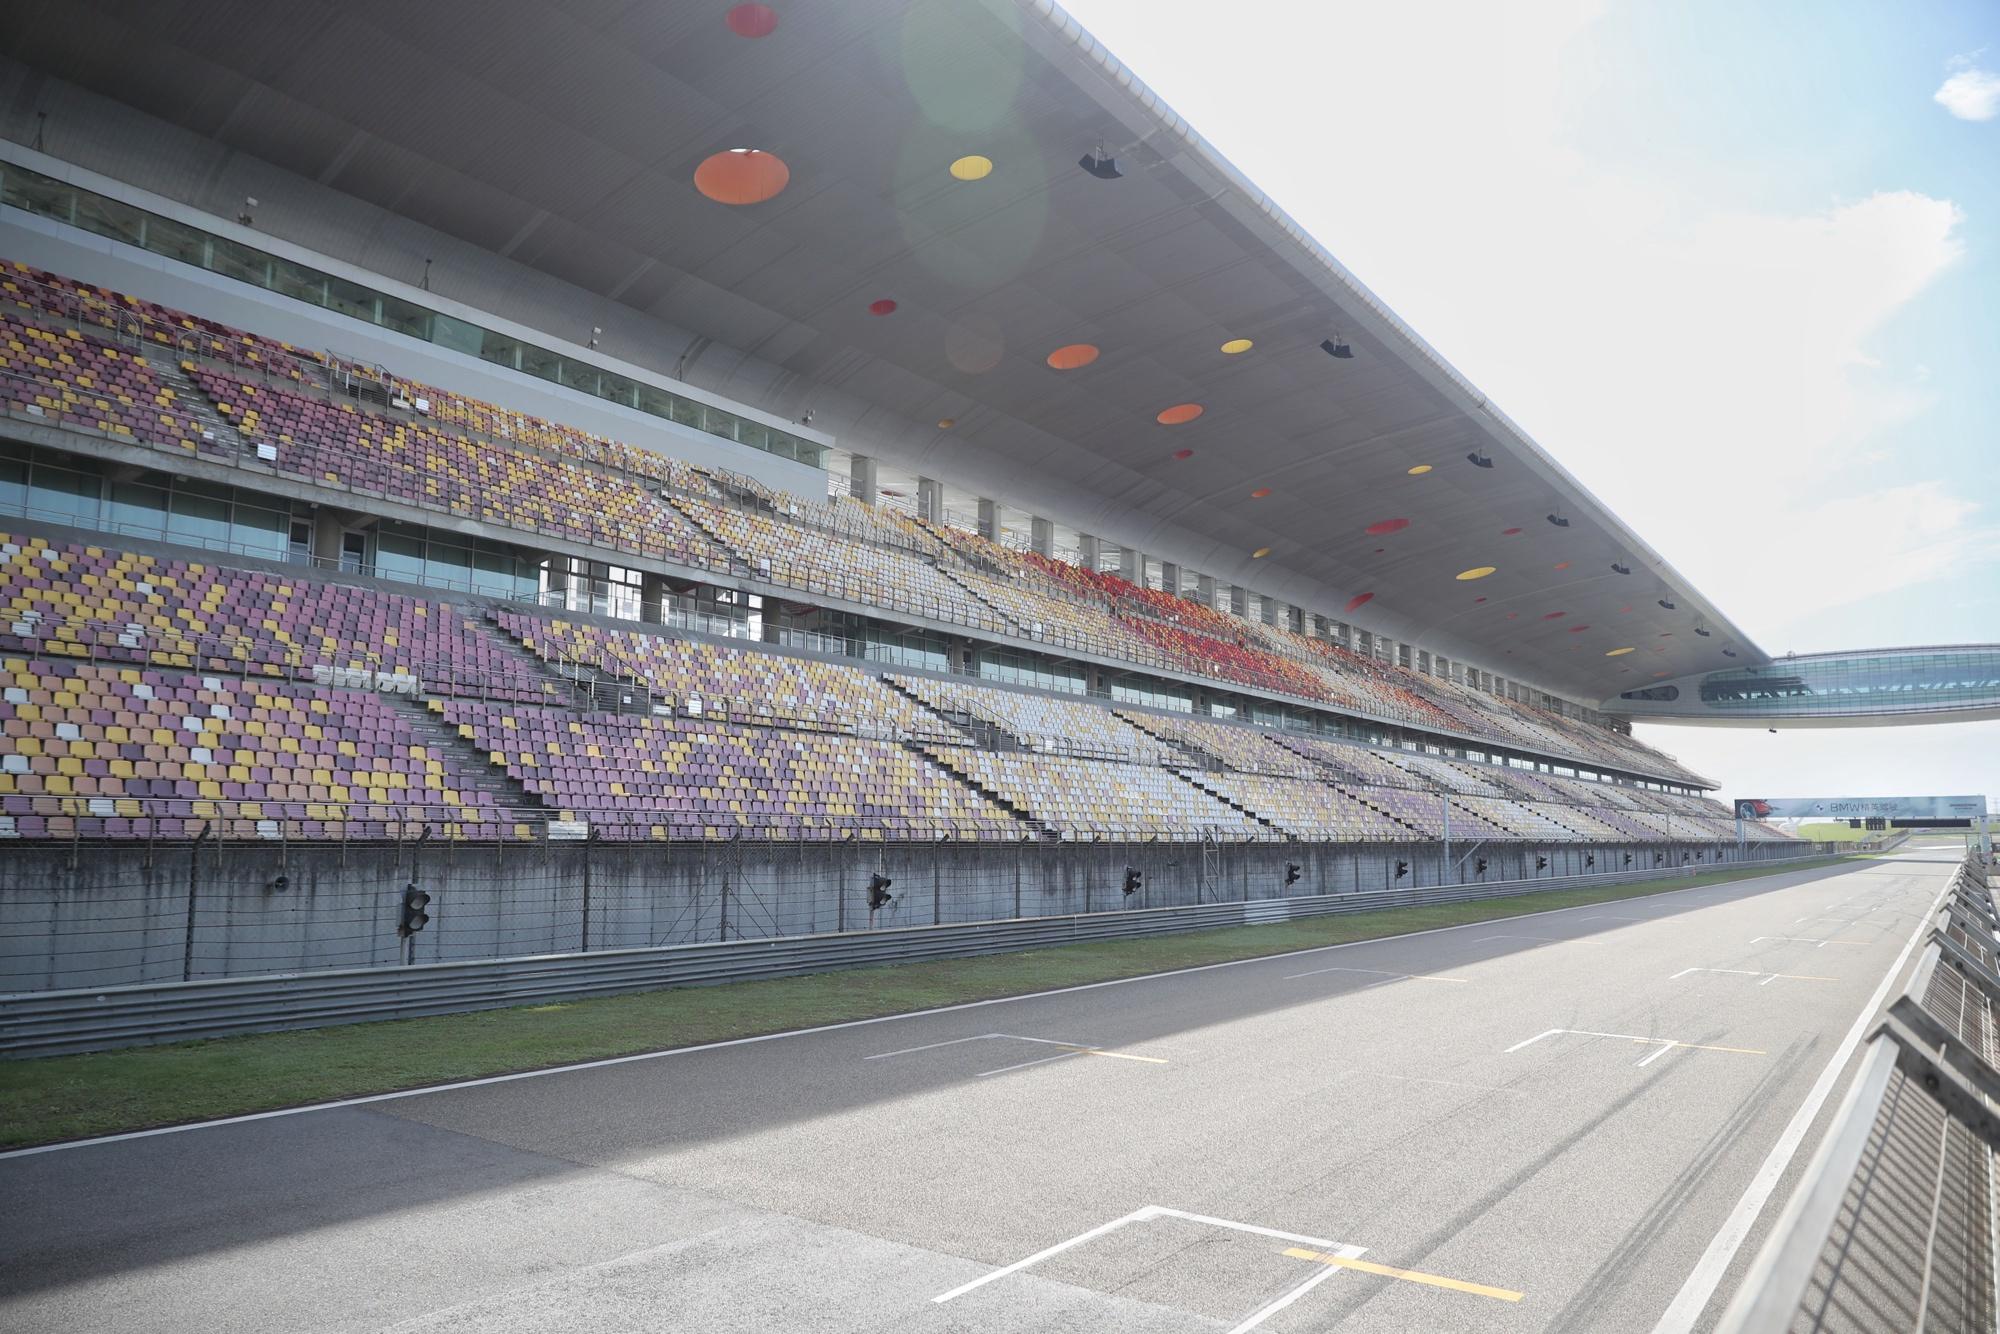 从赛历上消失的F1中国大奖赛还有戏吗?告诉你,办赛的准备工作从未停止